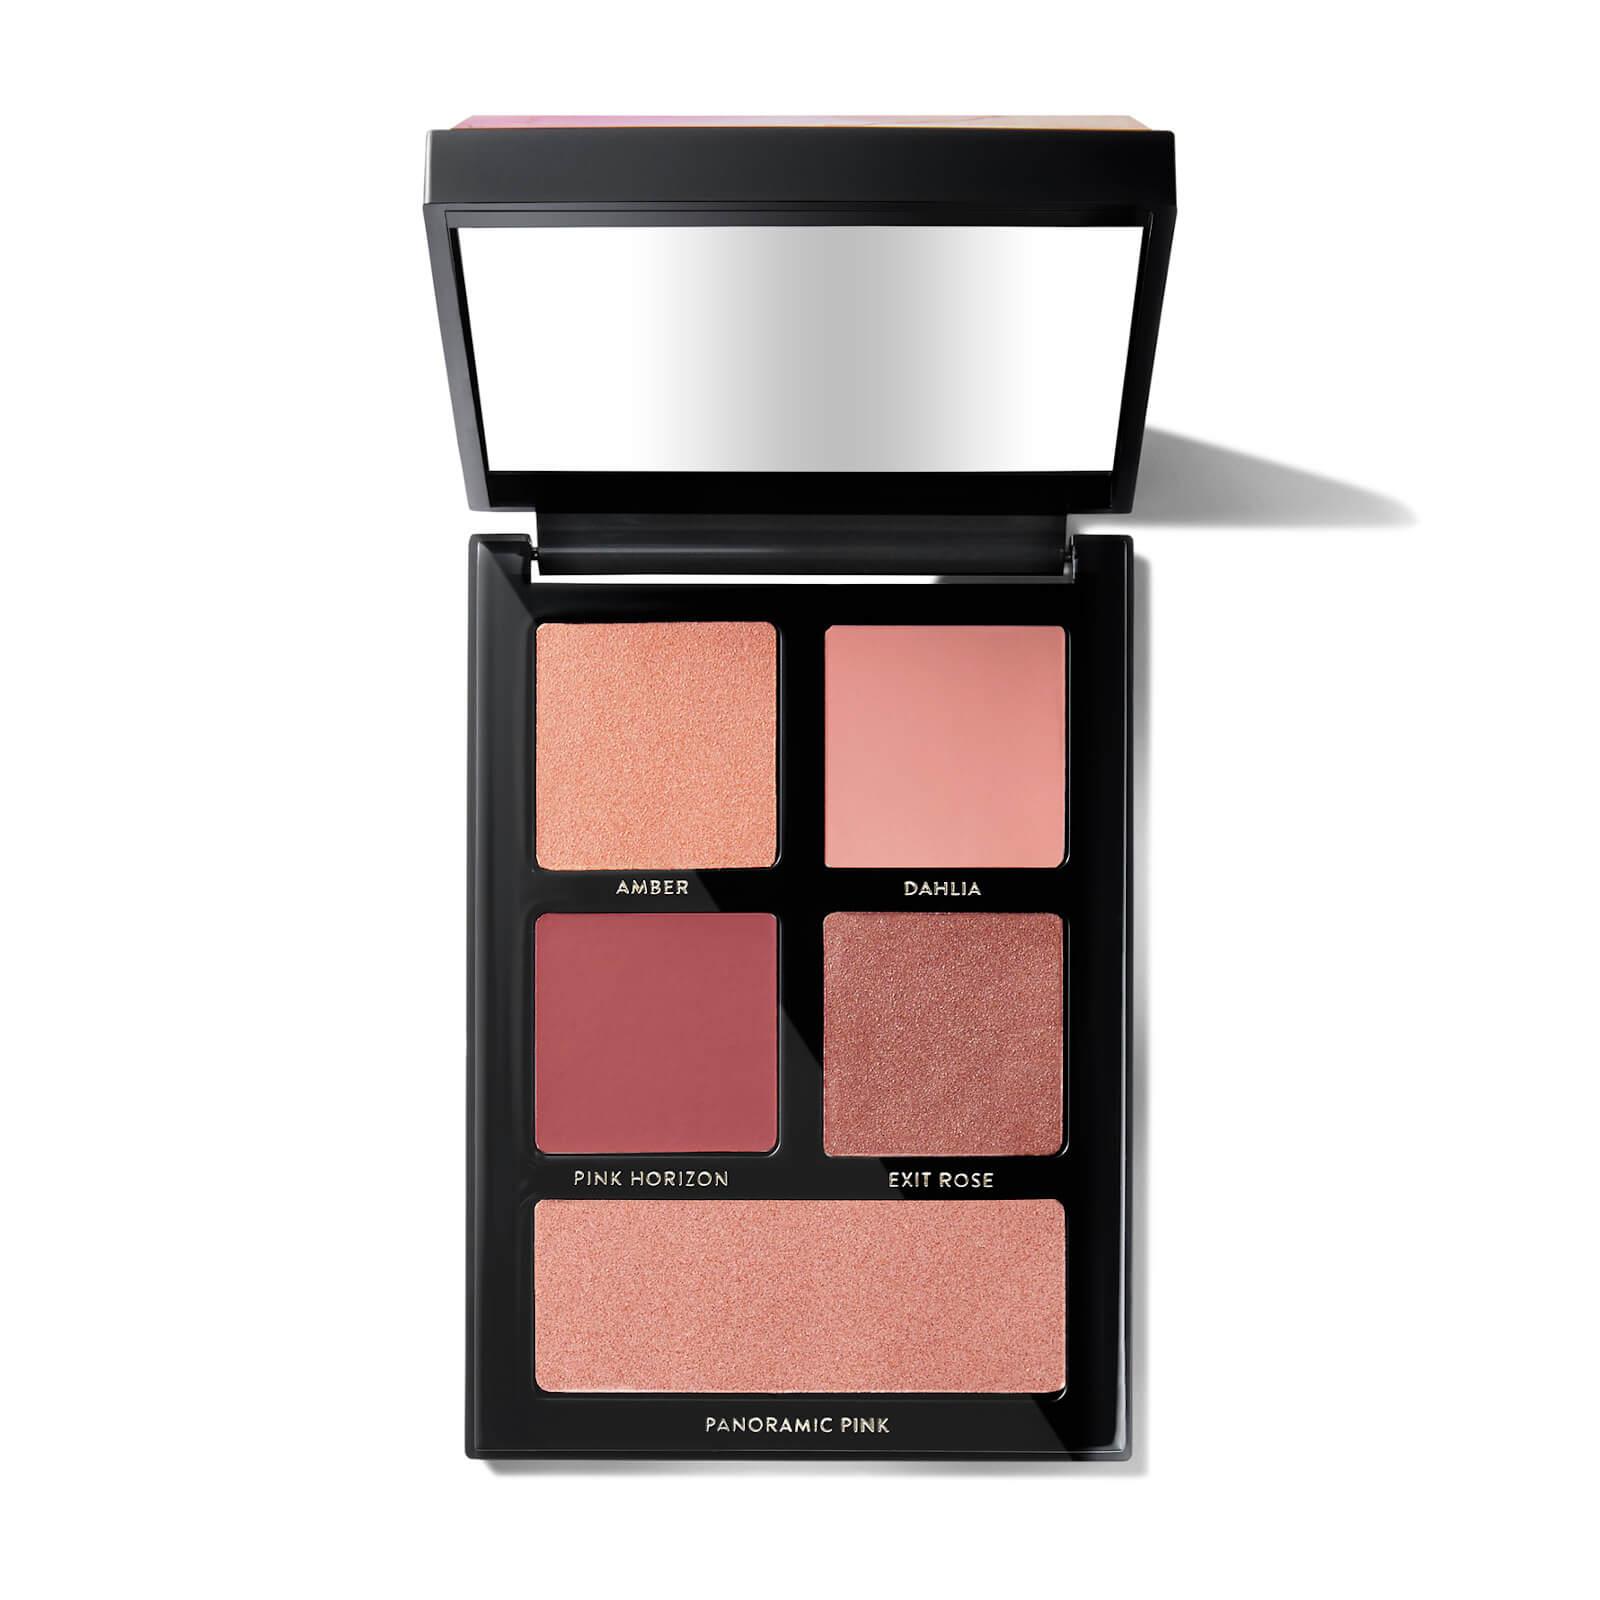 Bobbi Brown 新品限定 天空之景5色眼影盘#Panoramic Pink